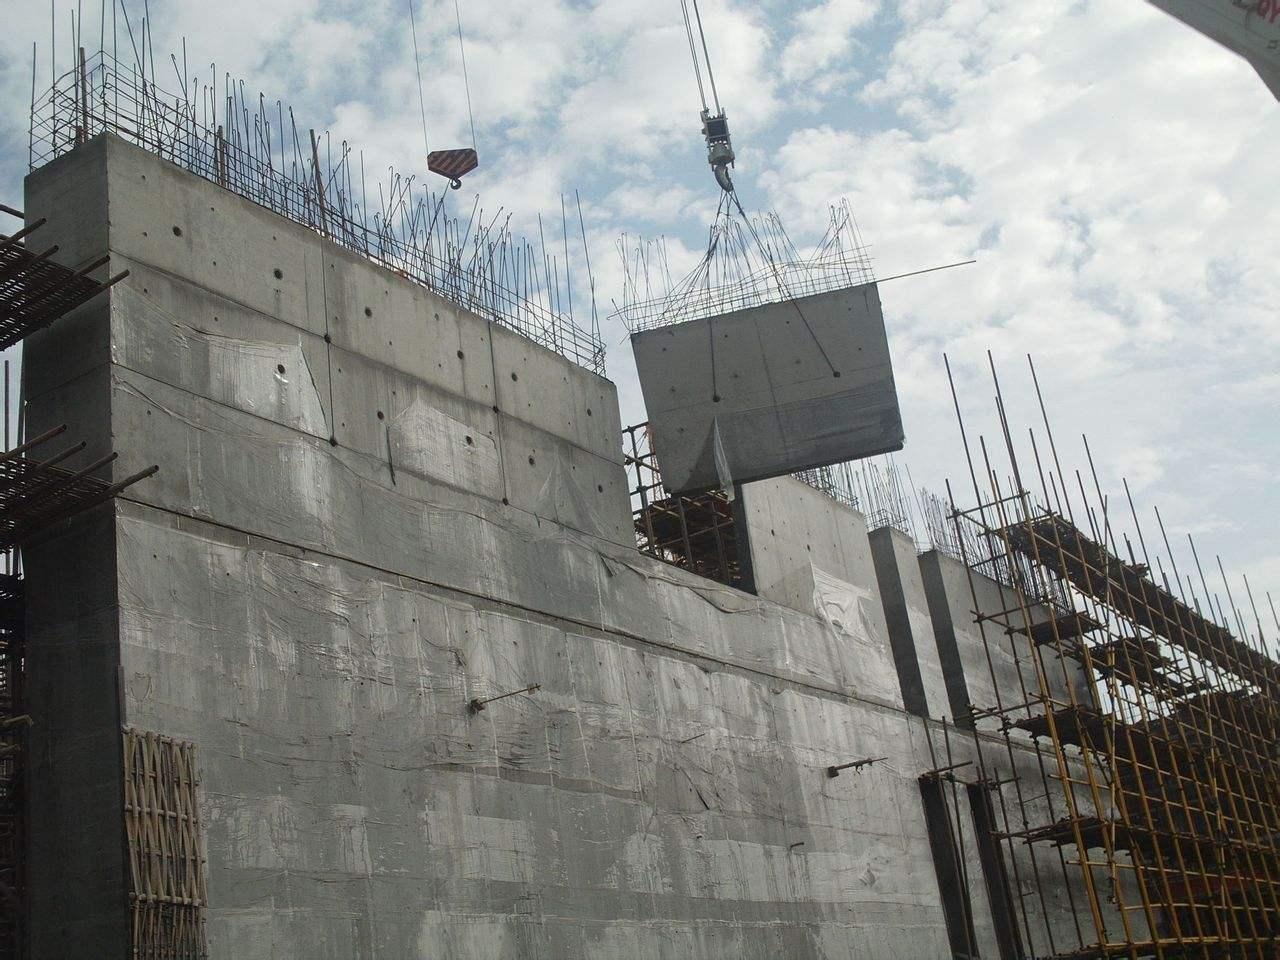 中卫钢筋混凝土静力切割-宁夏欧阳泰安工程服务供应放心的钢筋混凝土静力切割拆除